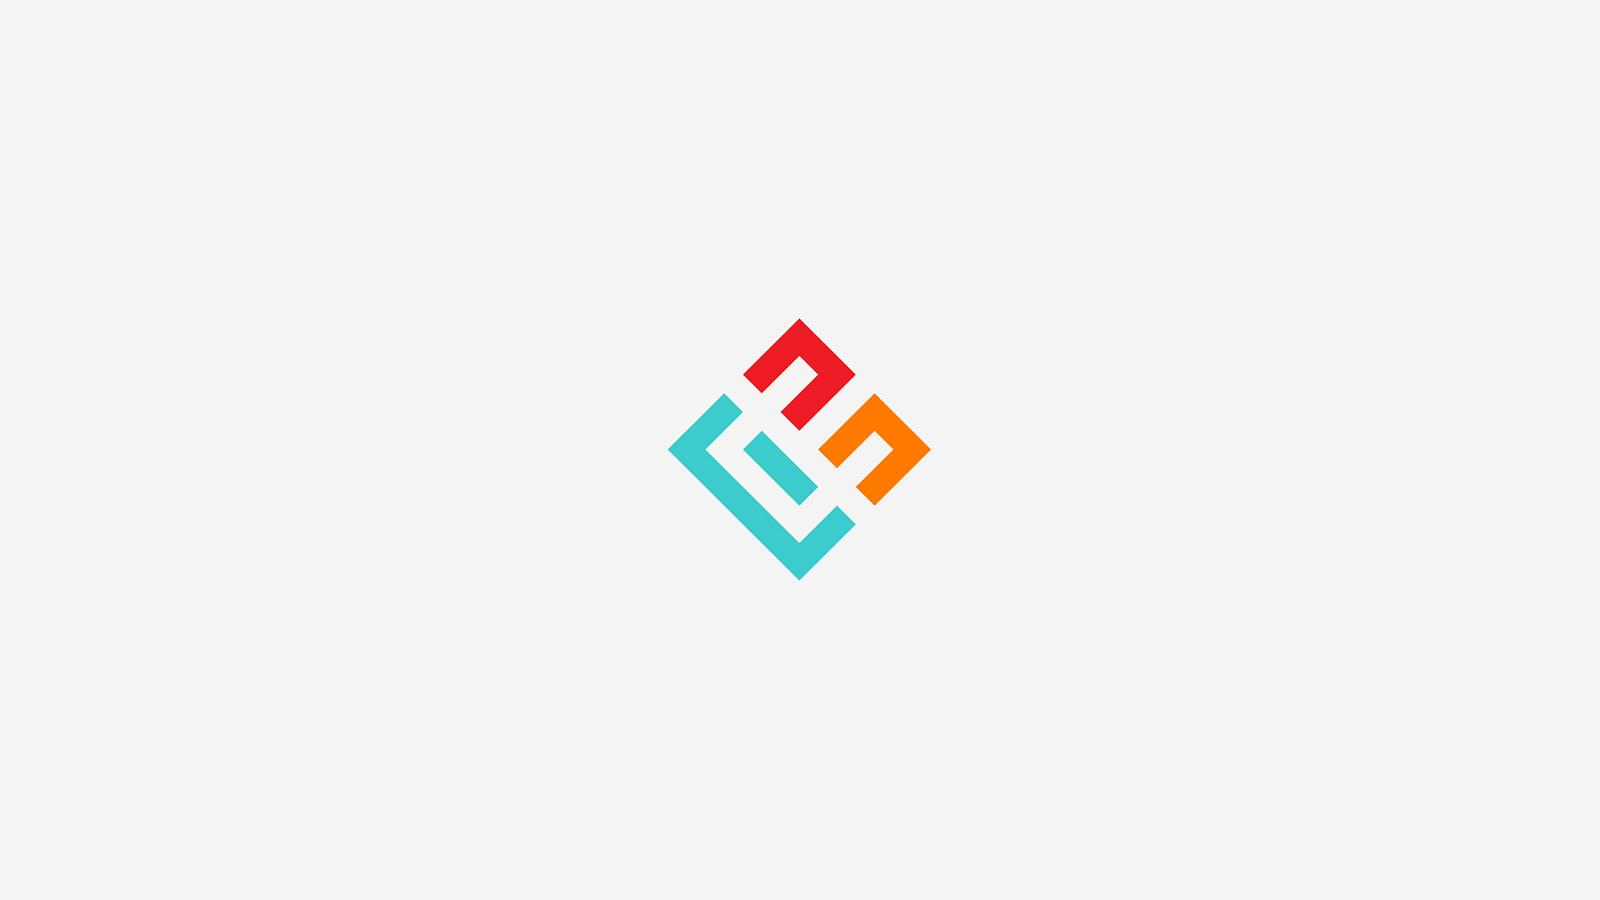 Logo design for educational institution idc - עיצוב לוגו למכללה הרצליה